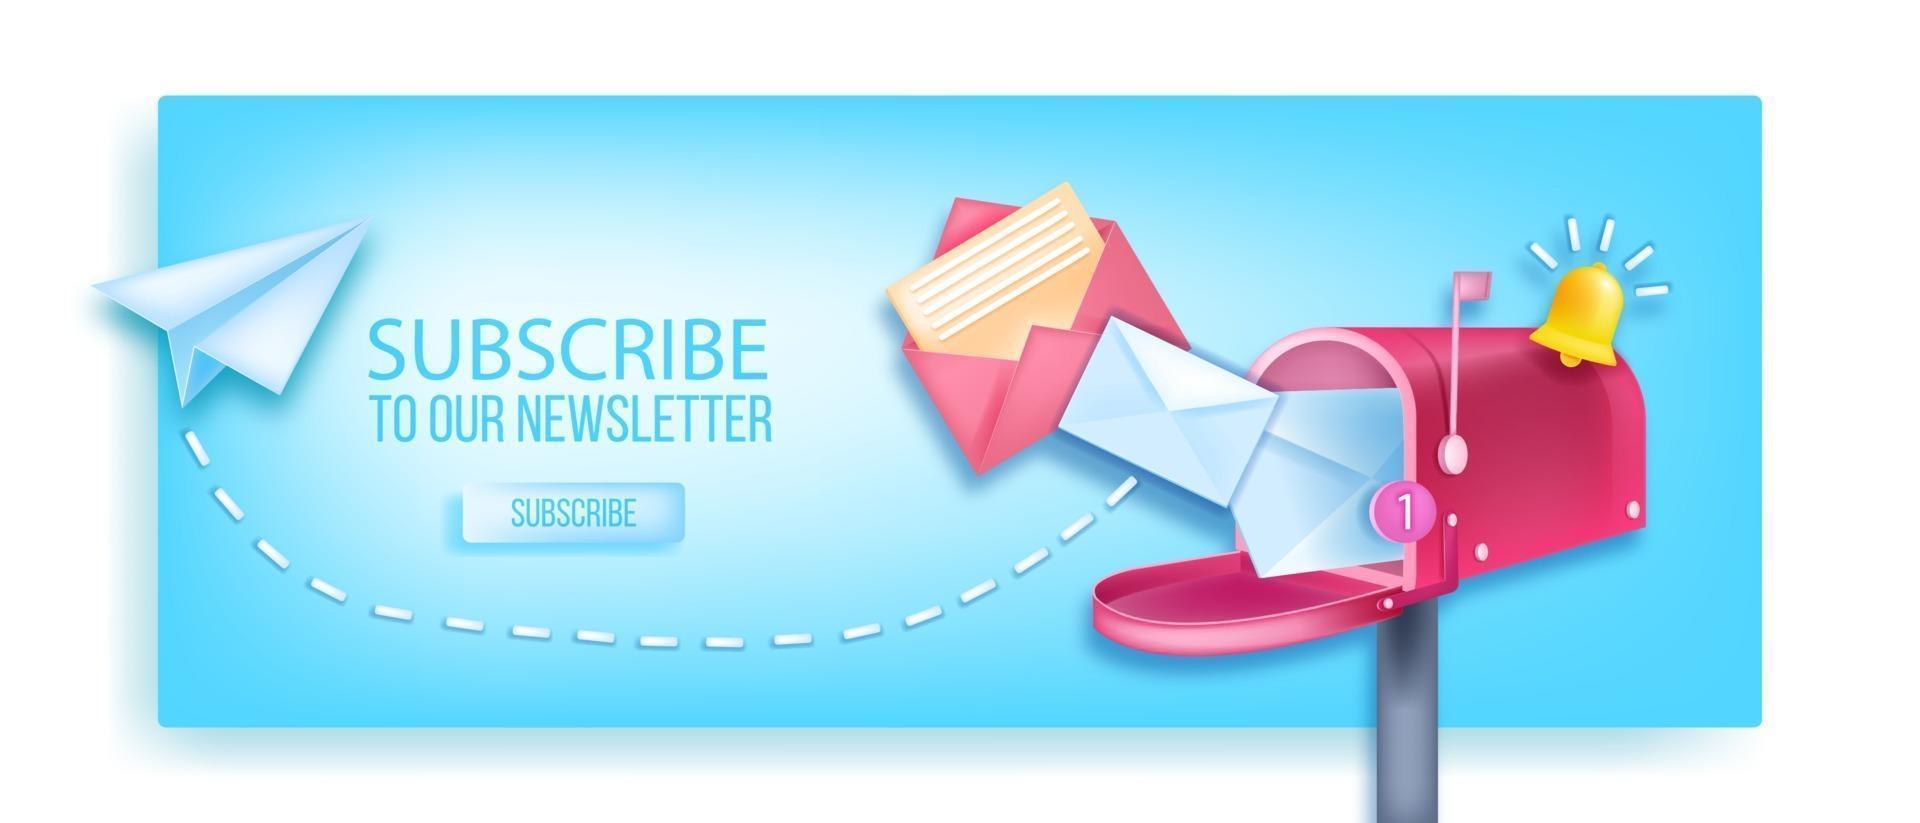 subscreva a nossa newsletter vector 3d banner, caixa de correio aberta, avião de papel, campainha de notificação, envelopes. marketing na internet, conceito de página da web de negócios on-line, botão. inscreva-se no boletim informativo de fundo